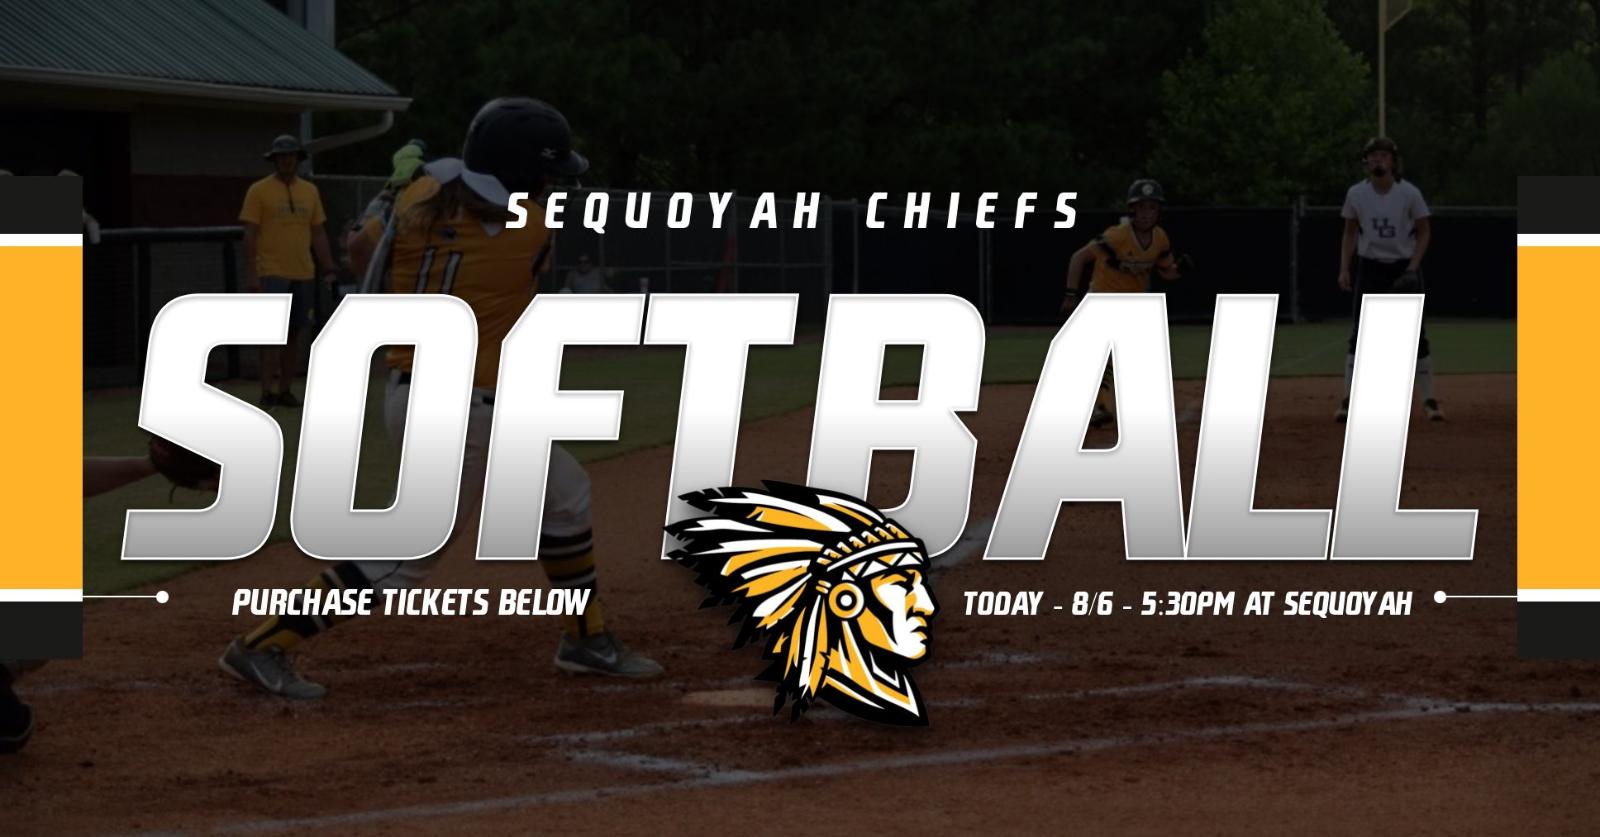 Chiefs Softball Tonight